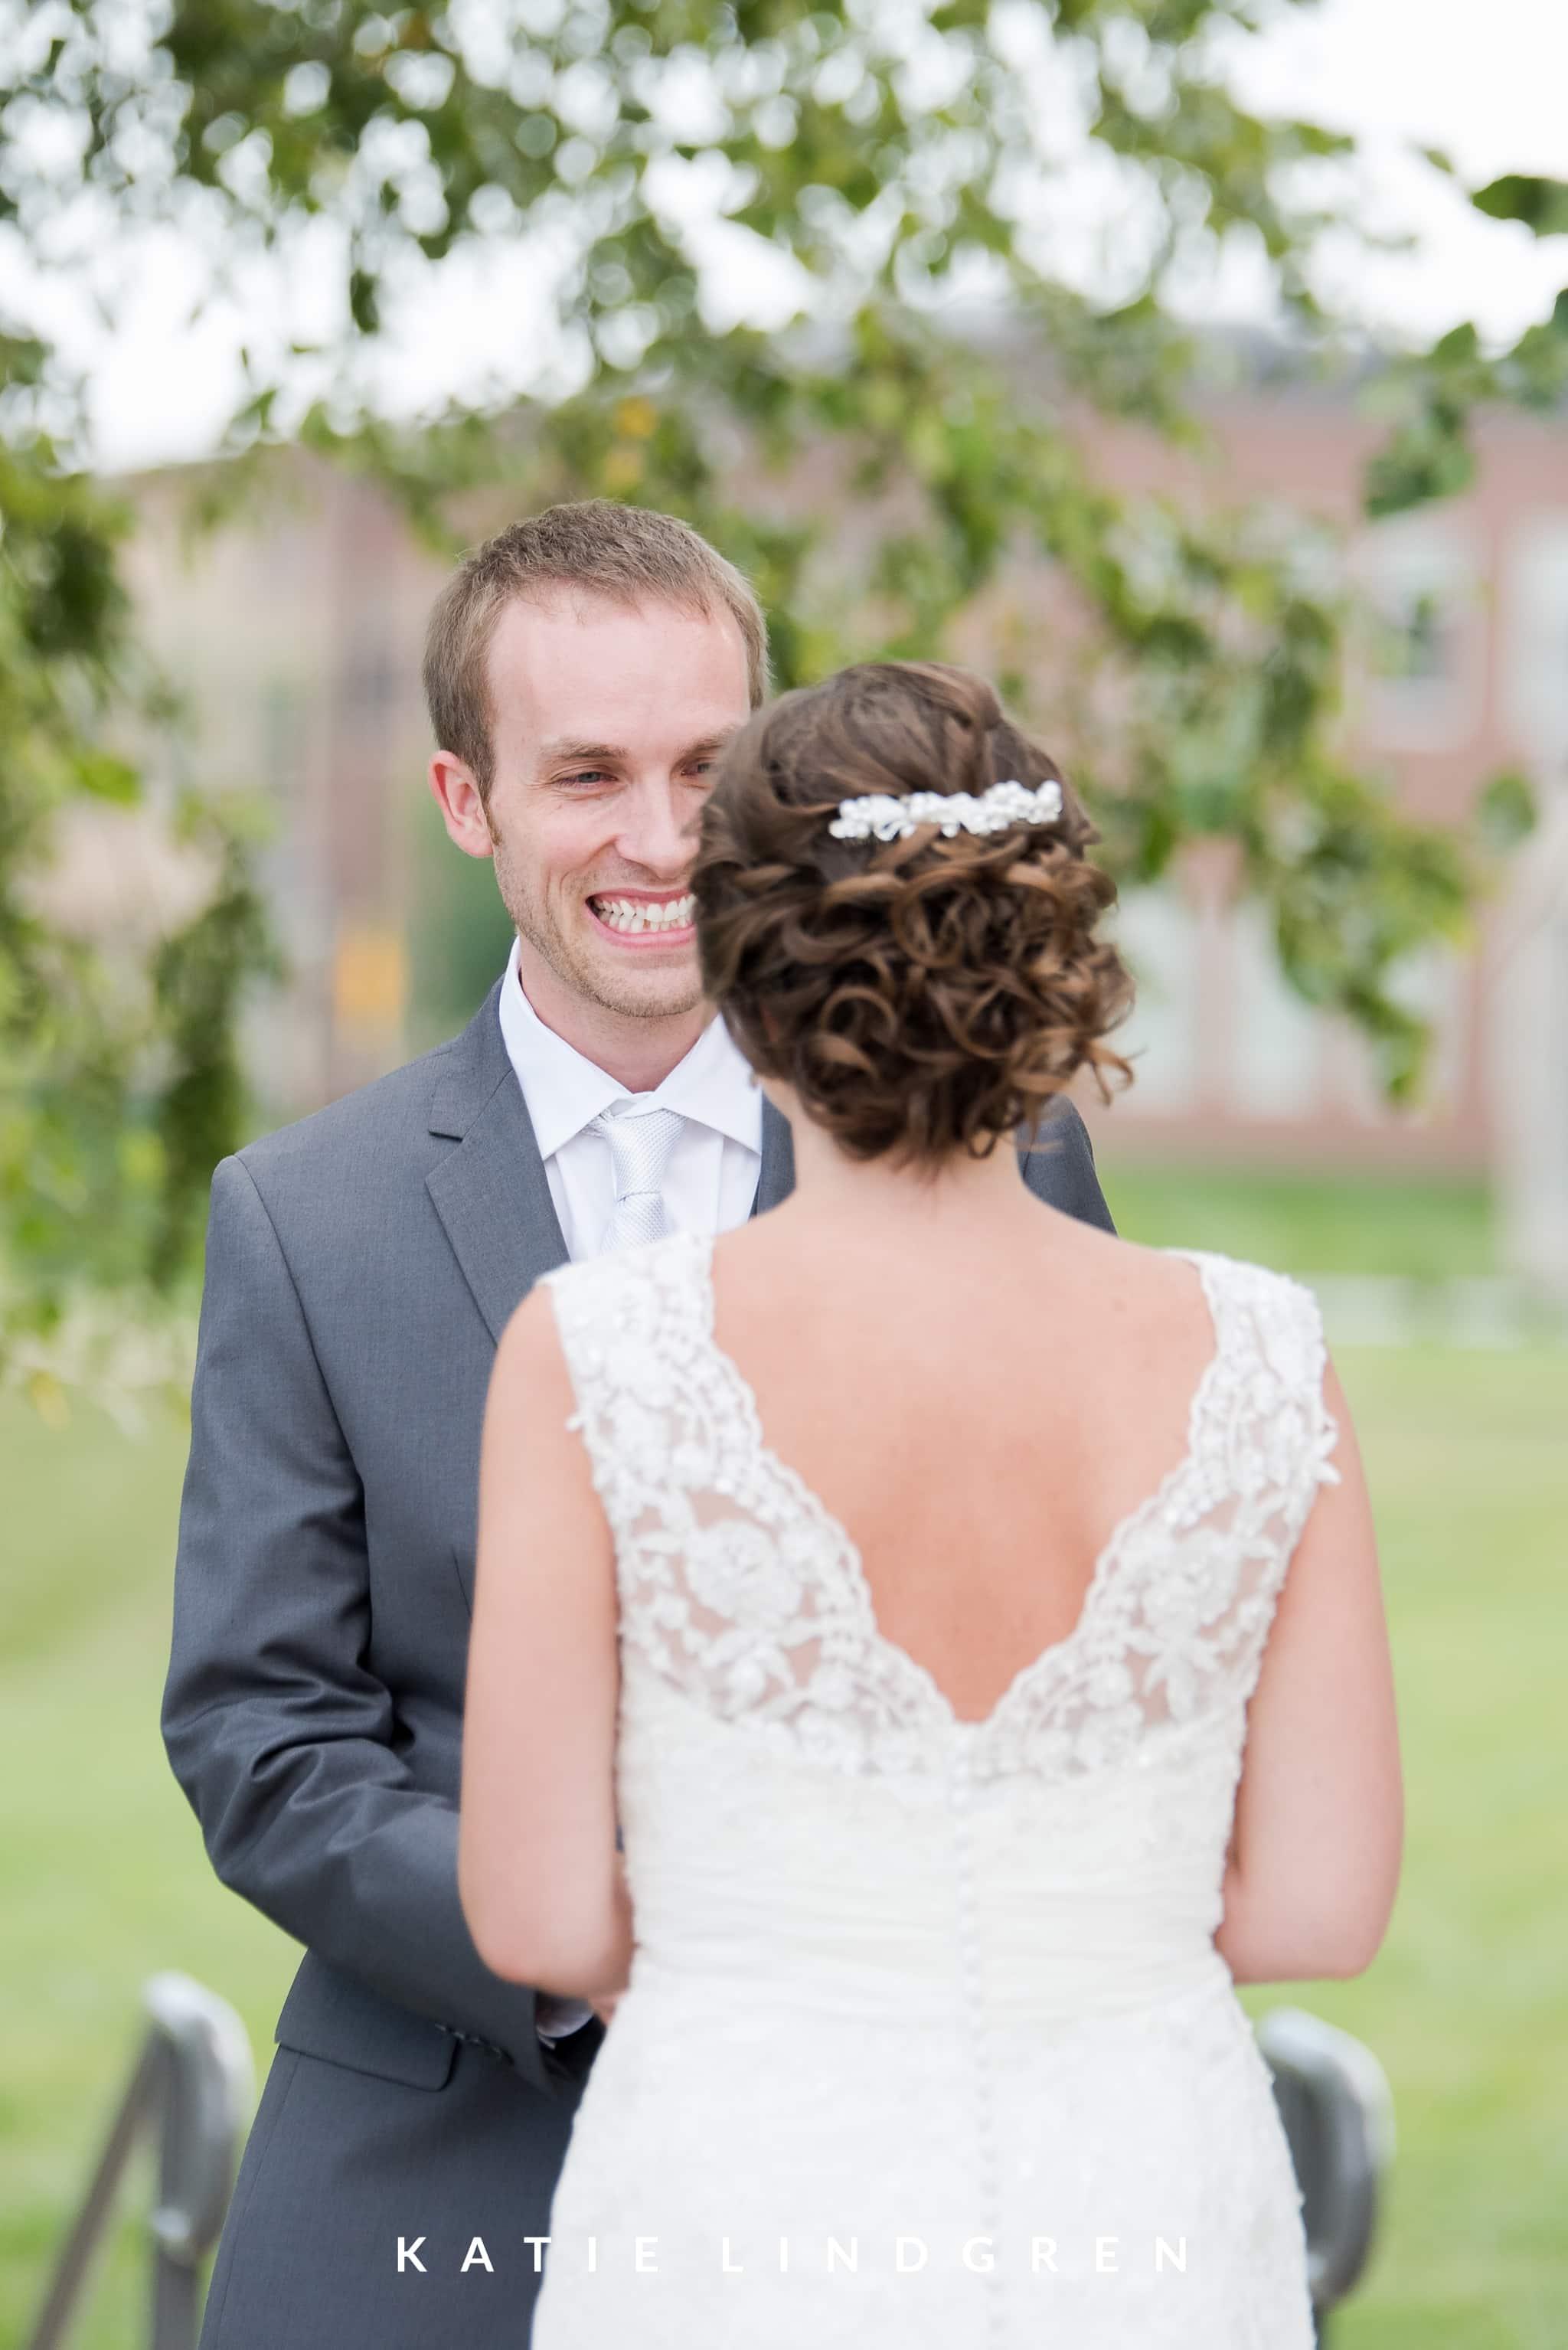 Jill Amp Marty West Des Moines Wedding 187 Des Moines Area